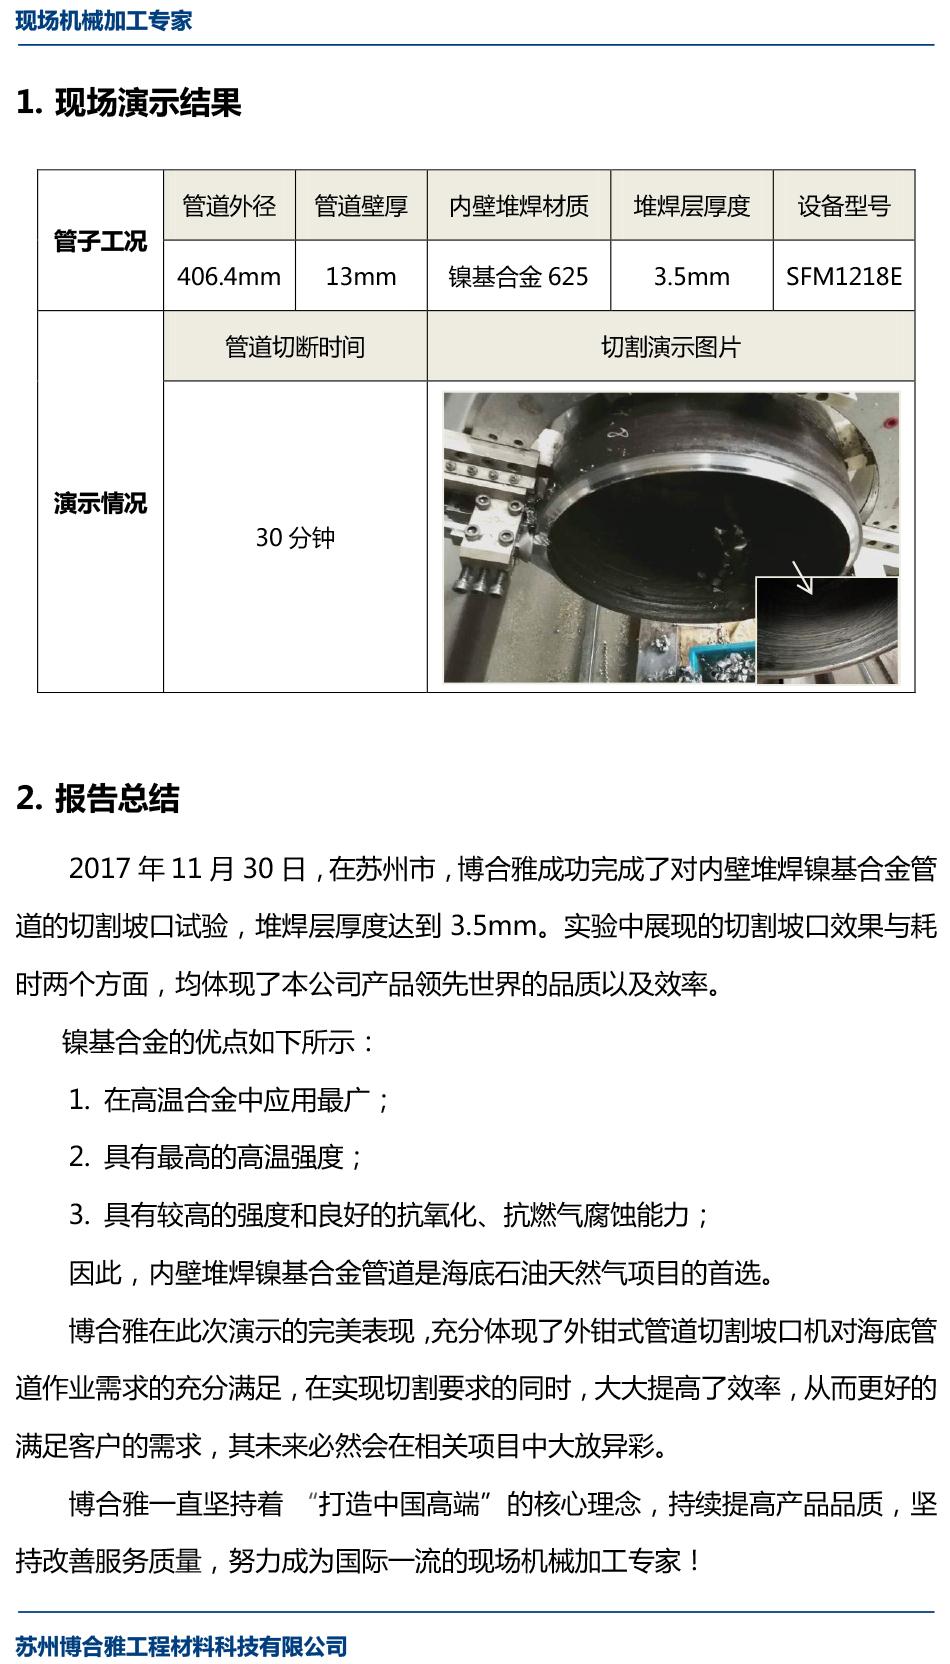 镍基合金复合管切割坡口演示报告-22222.jpg